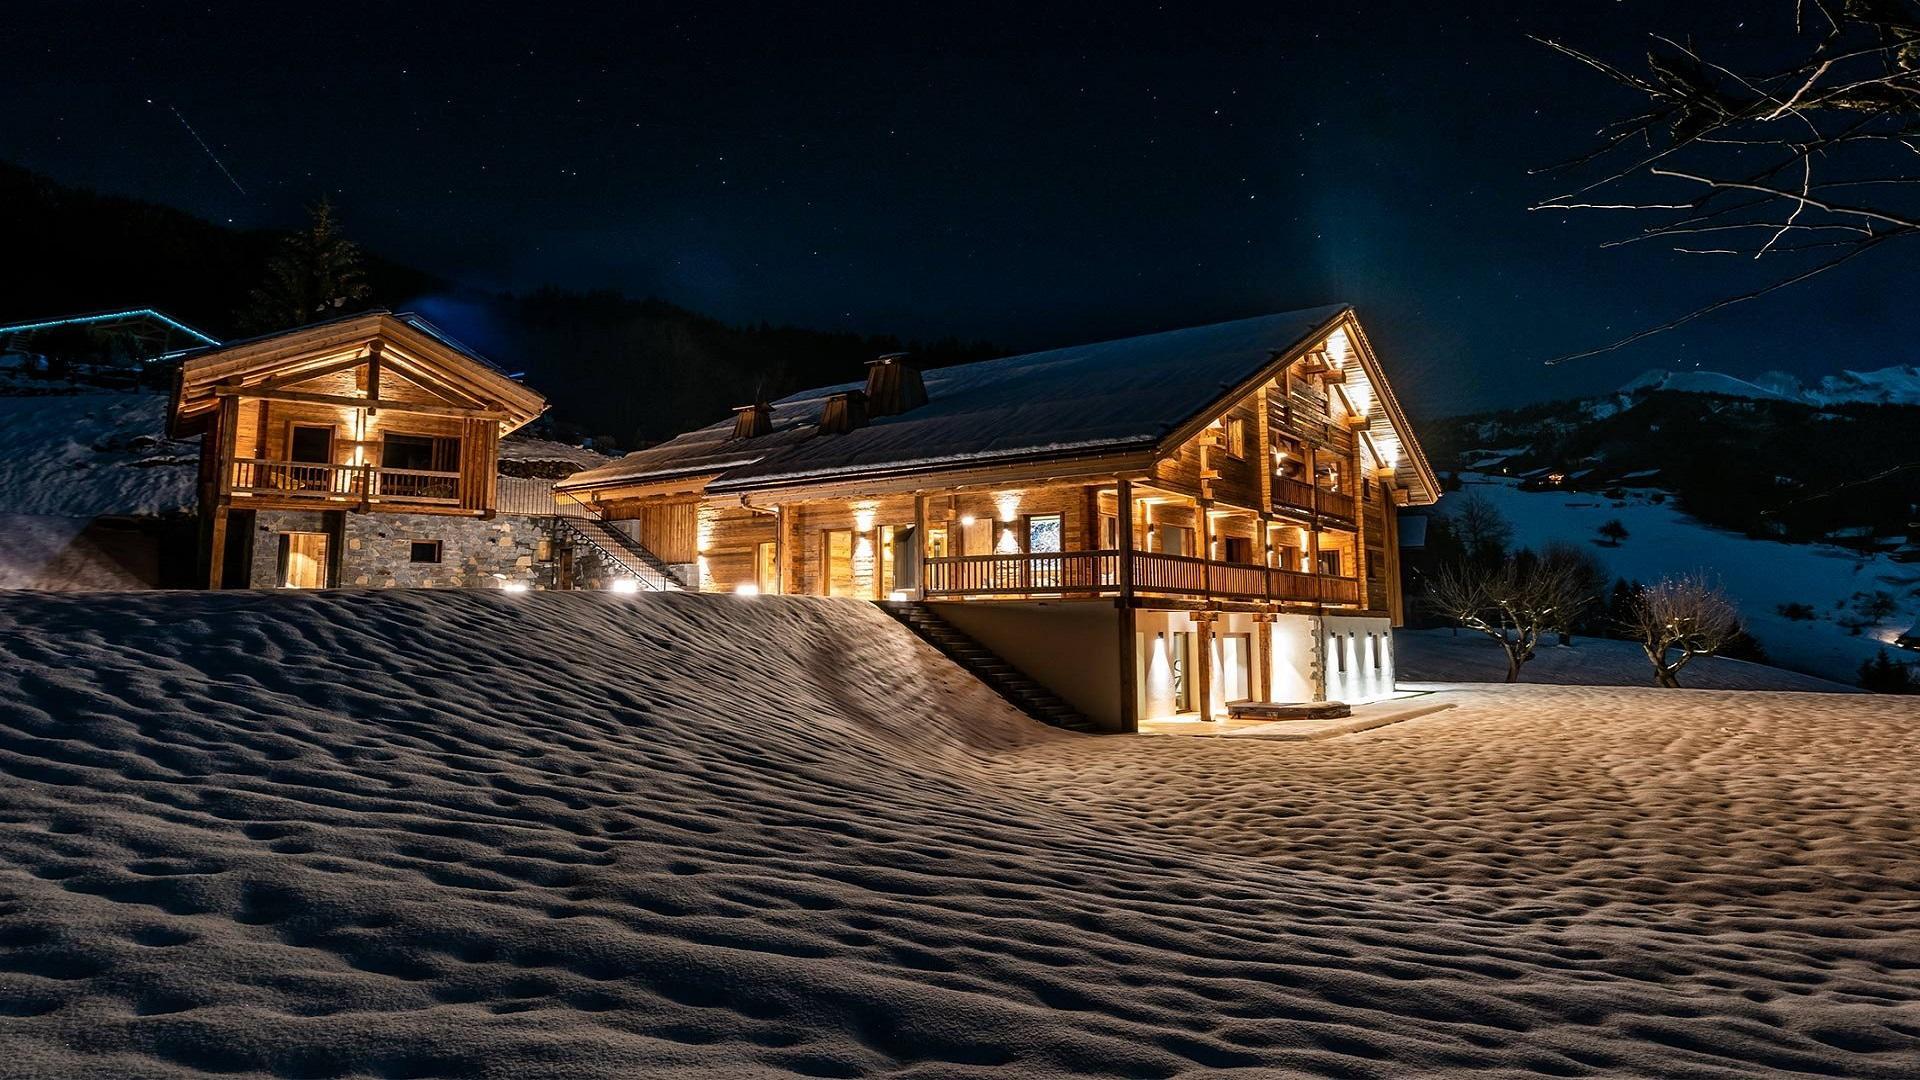 chalet-luxe-lodge-des-murailles-manigold-alpes-incentive-ski-seminaires-de-caractere